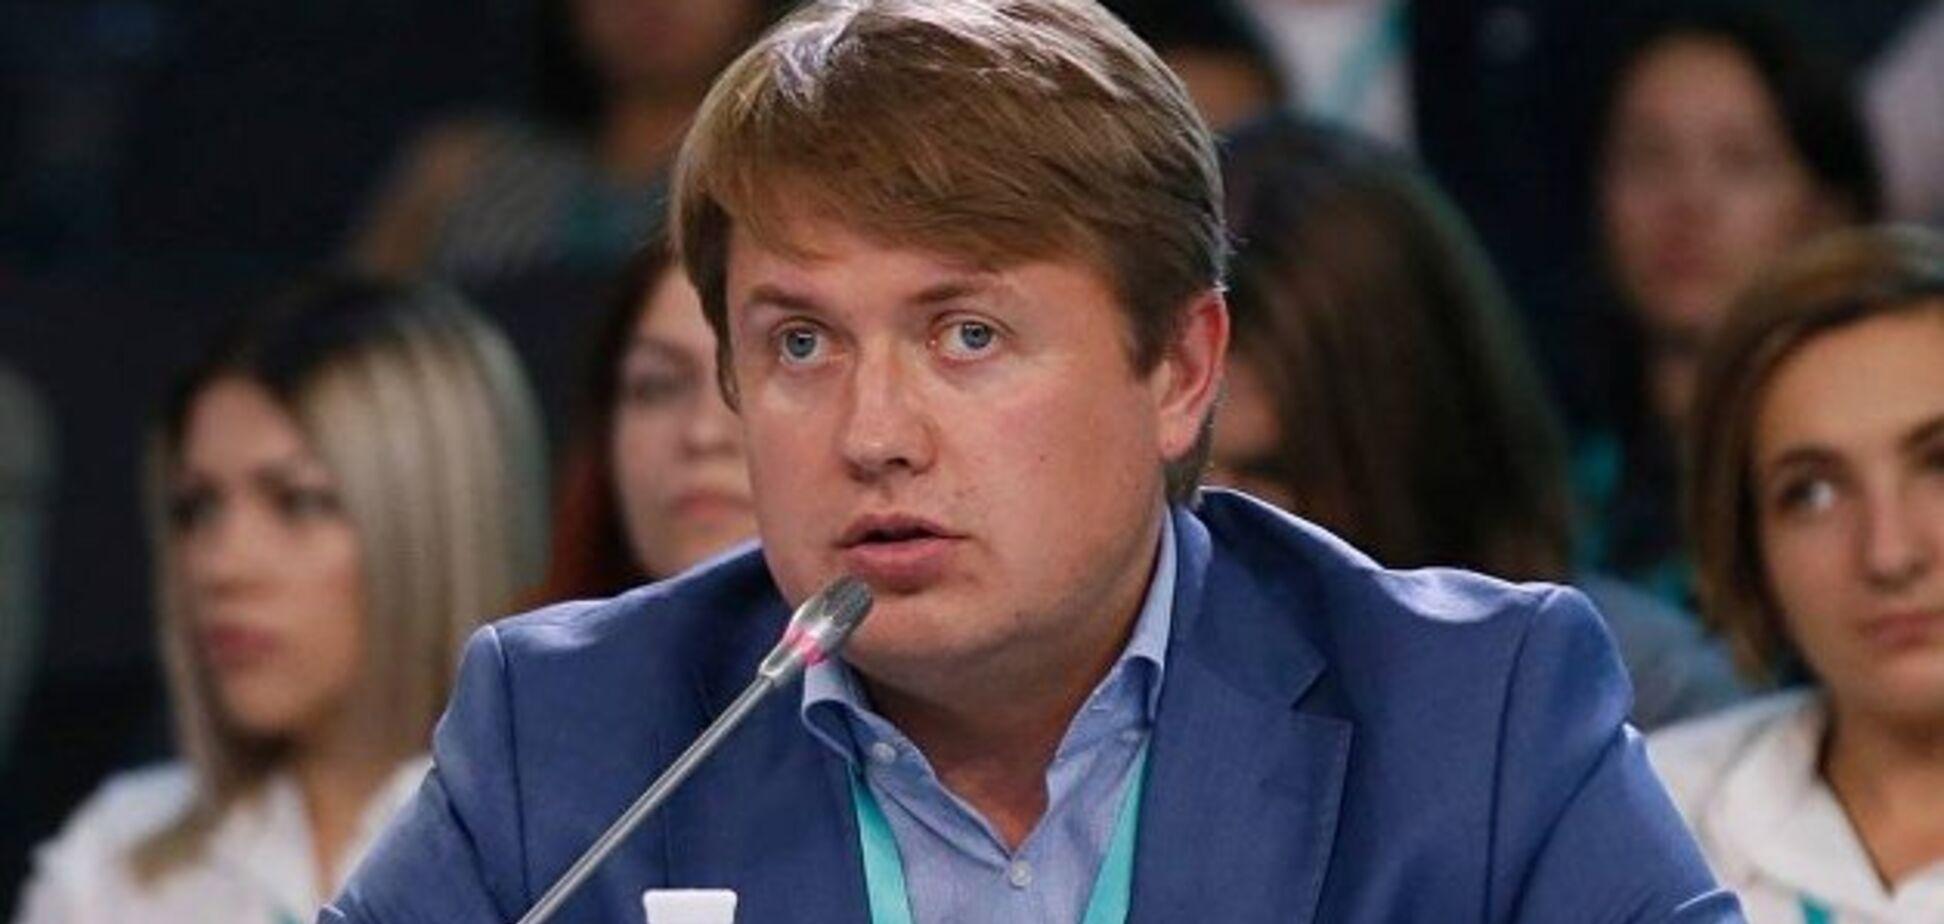 Час мародерів: новий злочин проти українських робітників